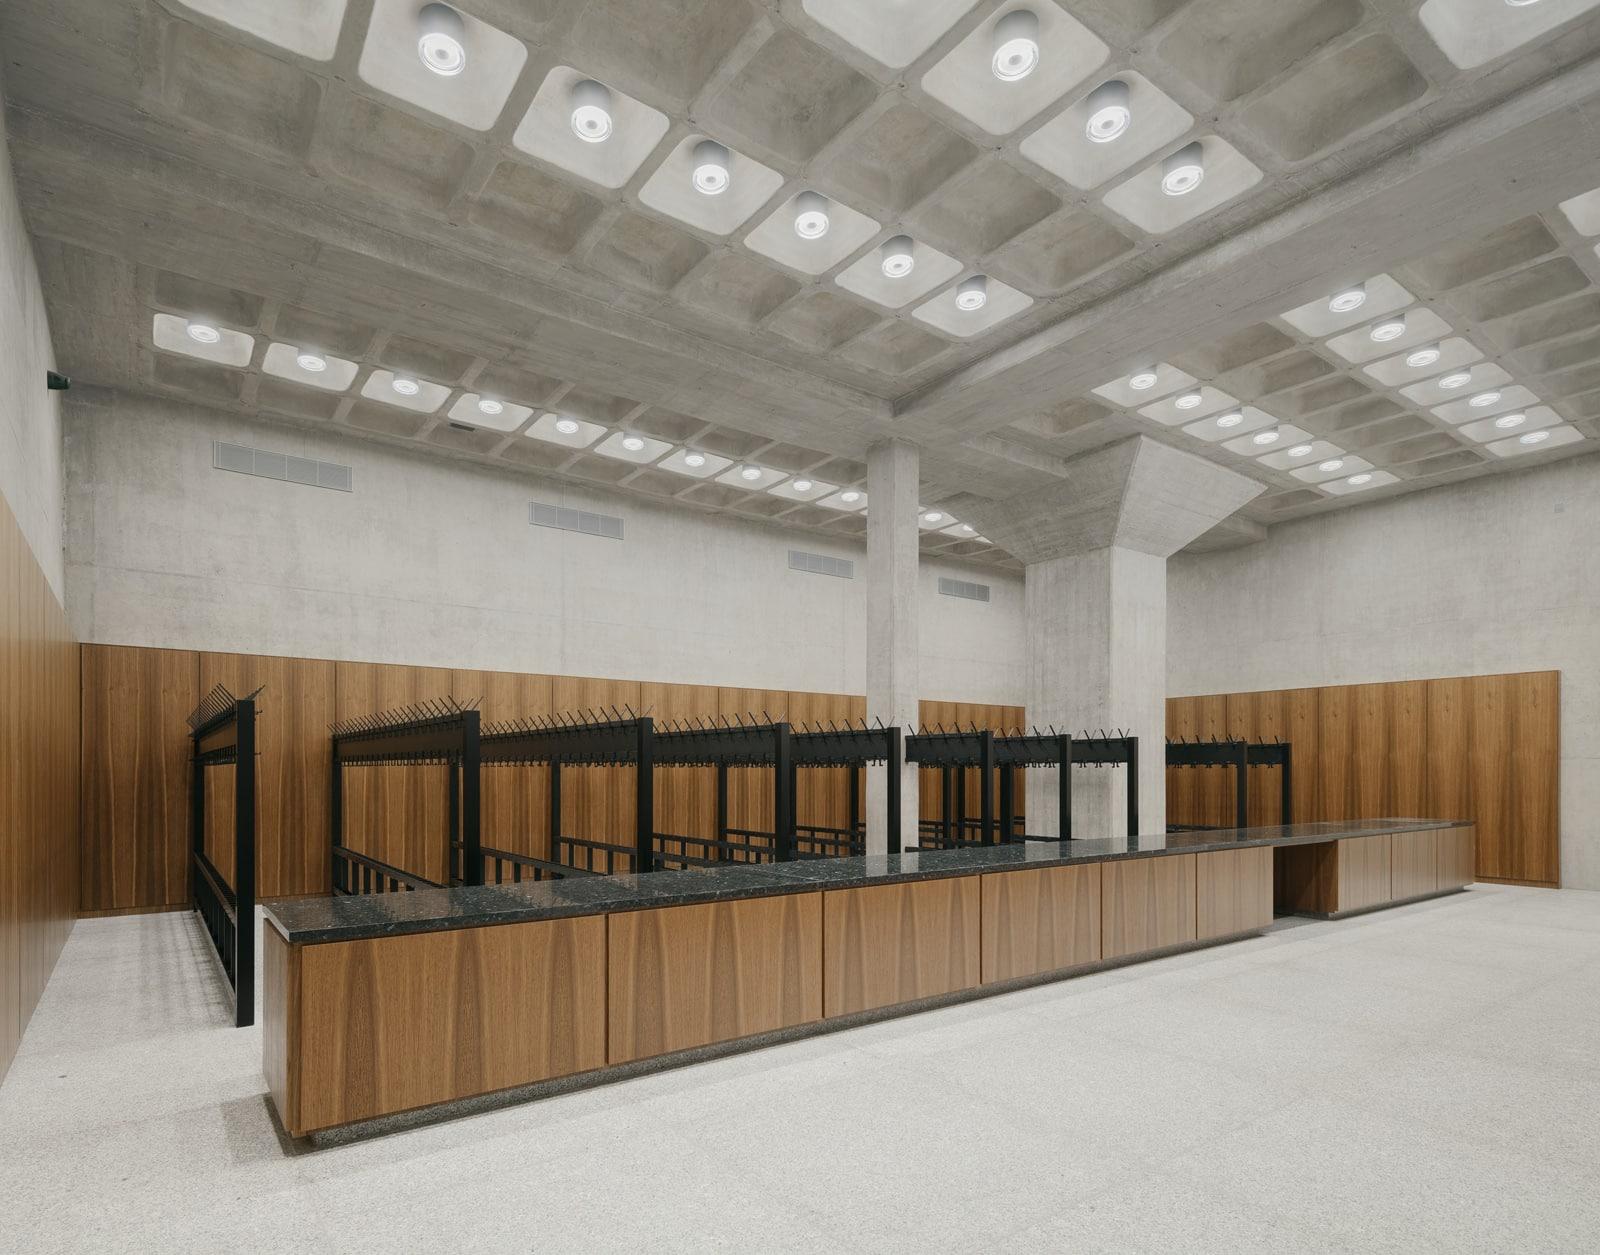 Neue Nationalgalerie Refurbishment  - 20210625 Chipperfield NeueNationalgalerieRefurbishment 09.1 49